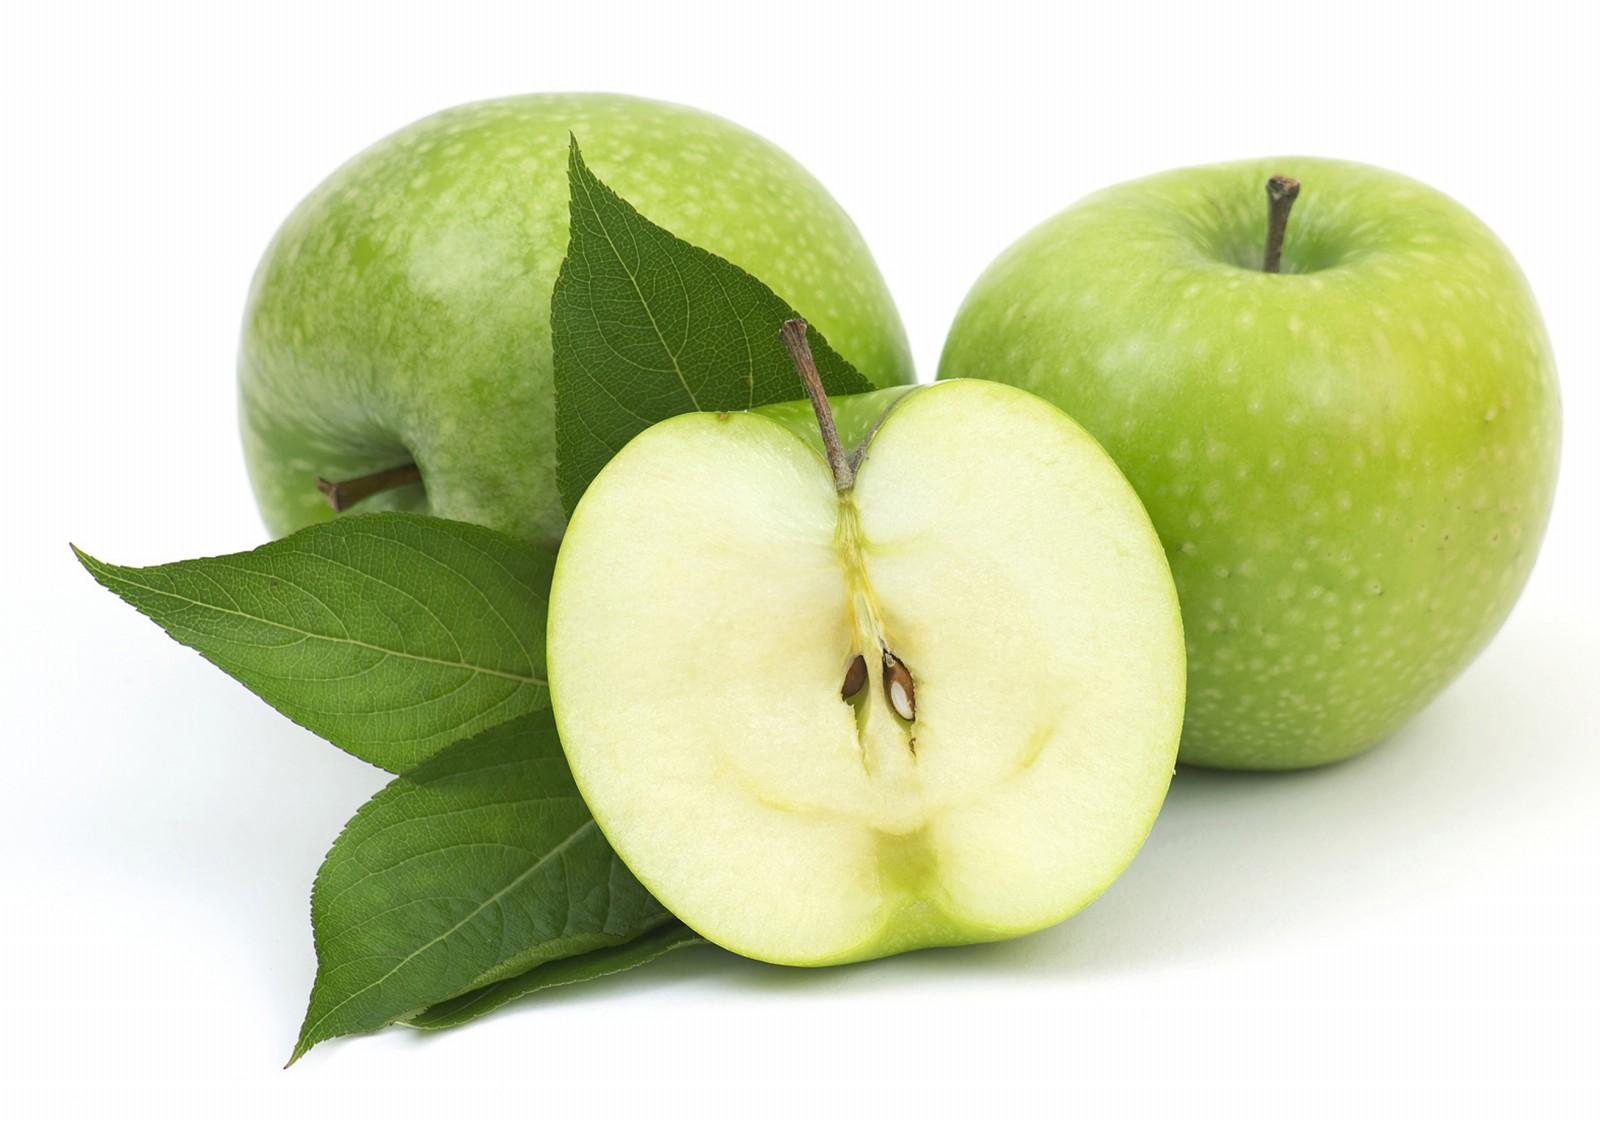 Hình ảnh quả táo xanh đẹp nhất